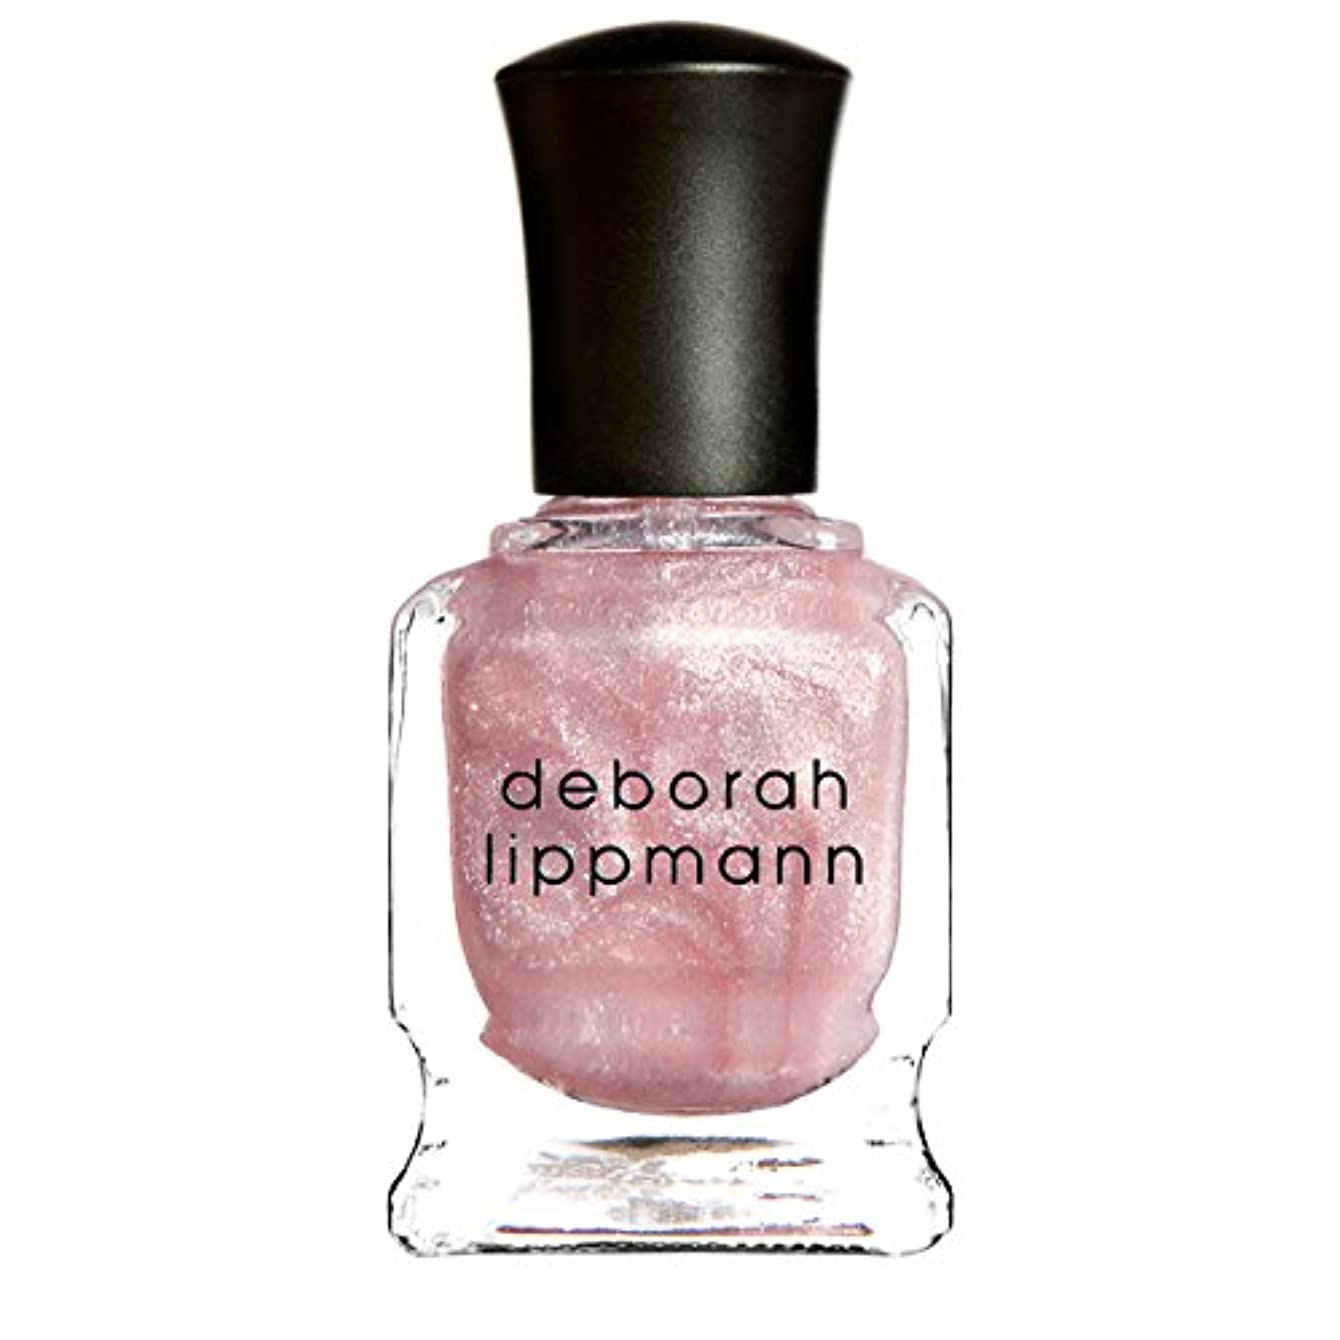 リムトラップ安価な[Deborah Lippmann] デボラリップマン ポリッシュ ピンク系 15mL (ホワットエバー ローラ ウォンツ)